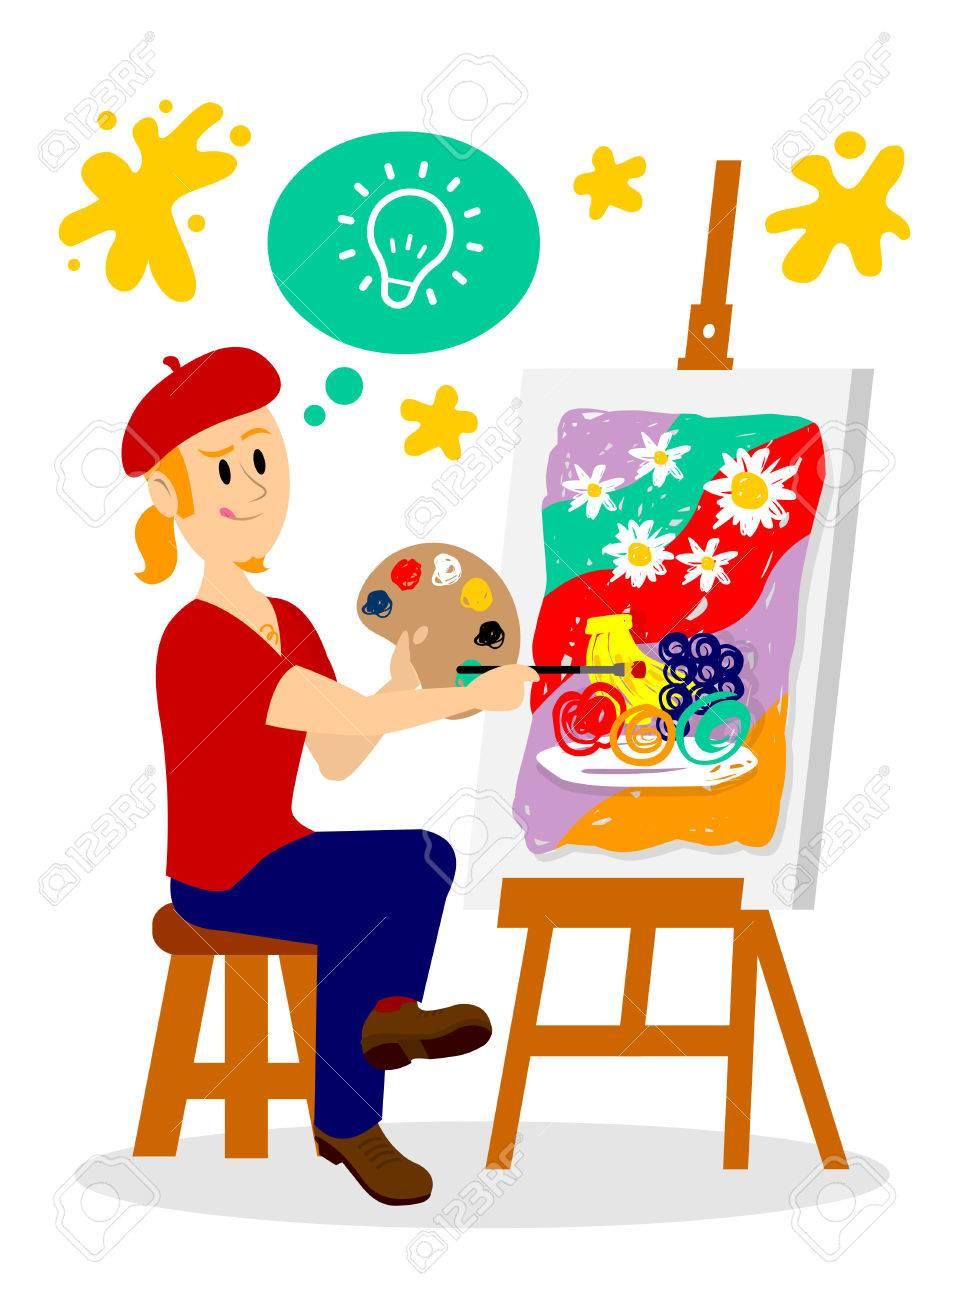 アーティストの絵画の彼の傑作のクリップアート ロイヤリティフリー